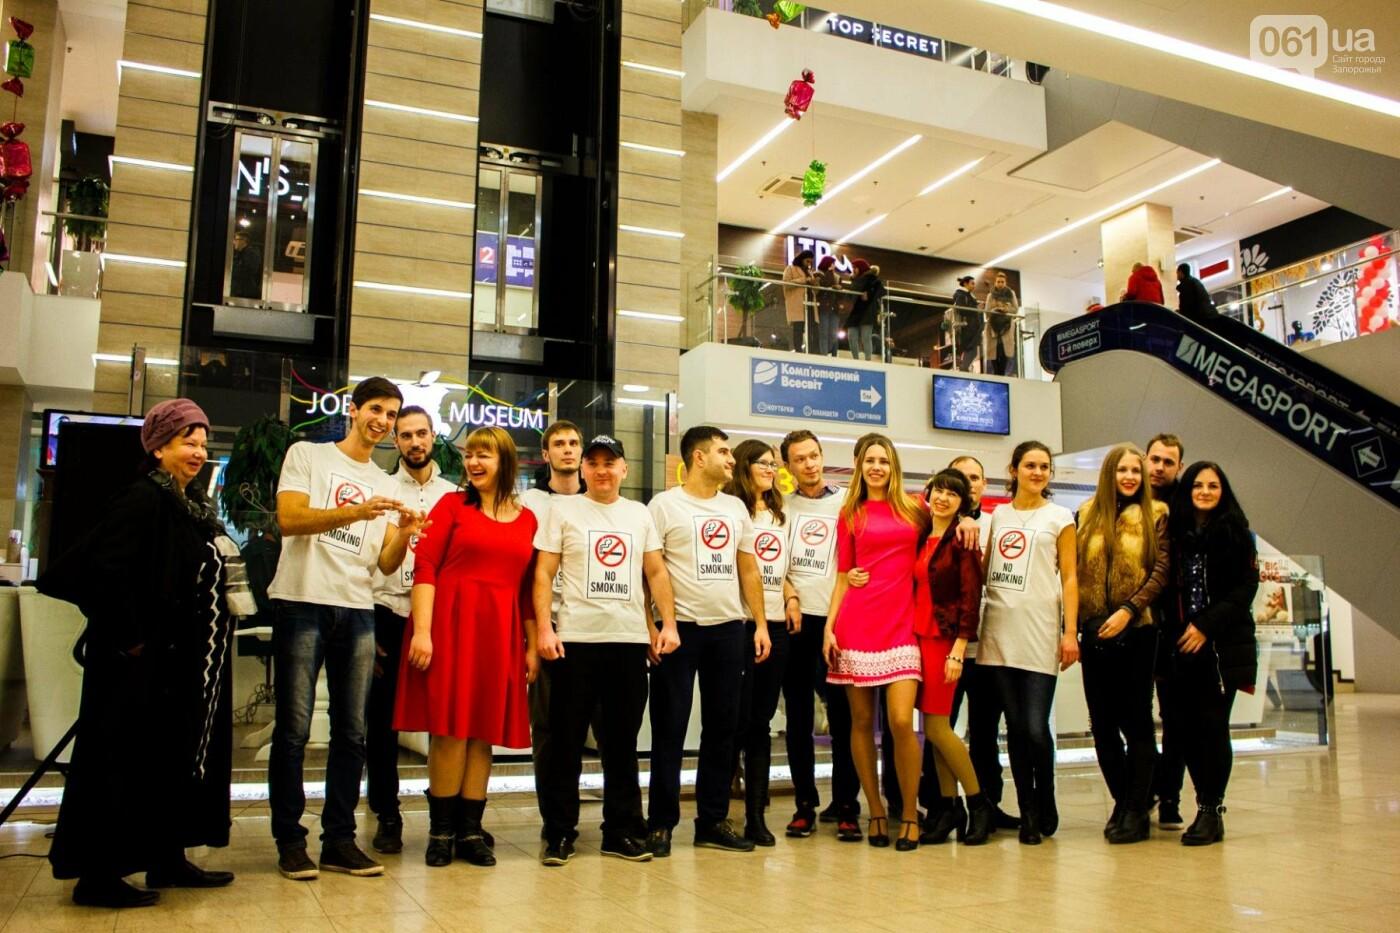 В запорожском торговом центре провели флешмоб против курения, - ФОТО, ВИДЕО, фото-1